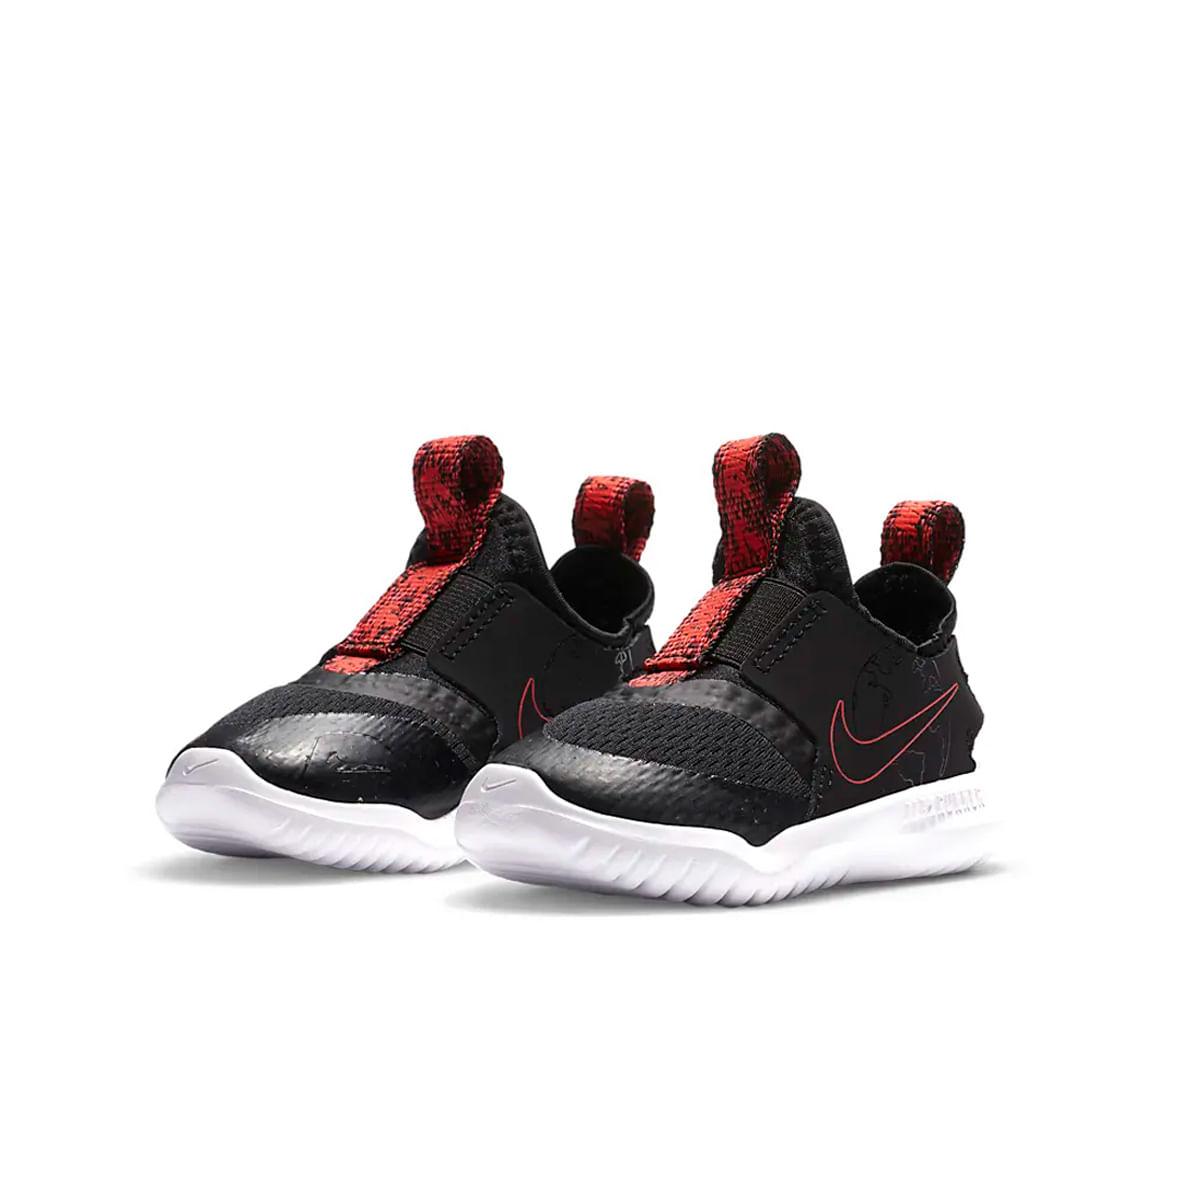 Tenis-Infantil-Nike-Flex-Runner-SE--21-ao-26--CZ6540-001--4Q20-